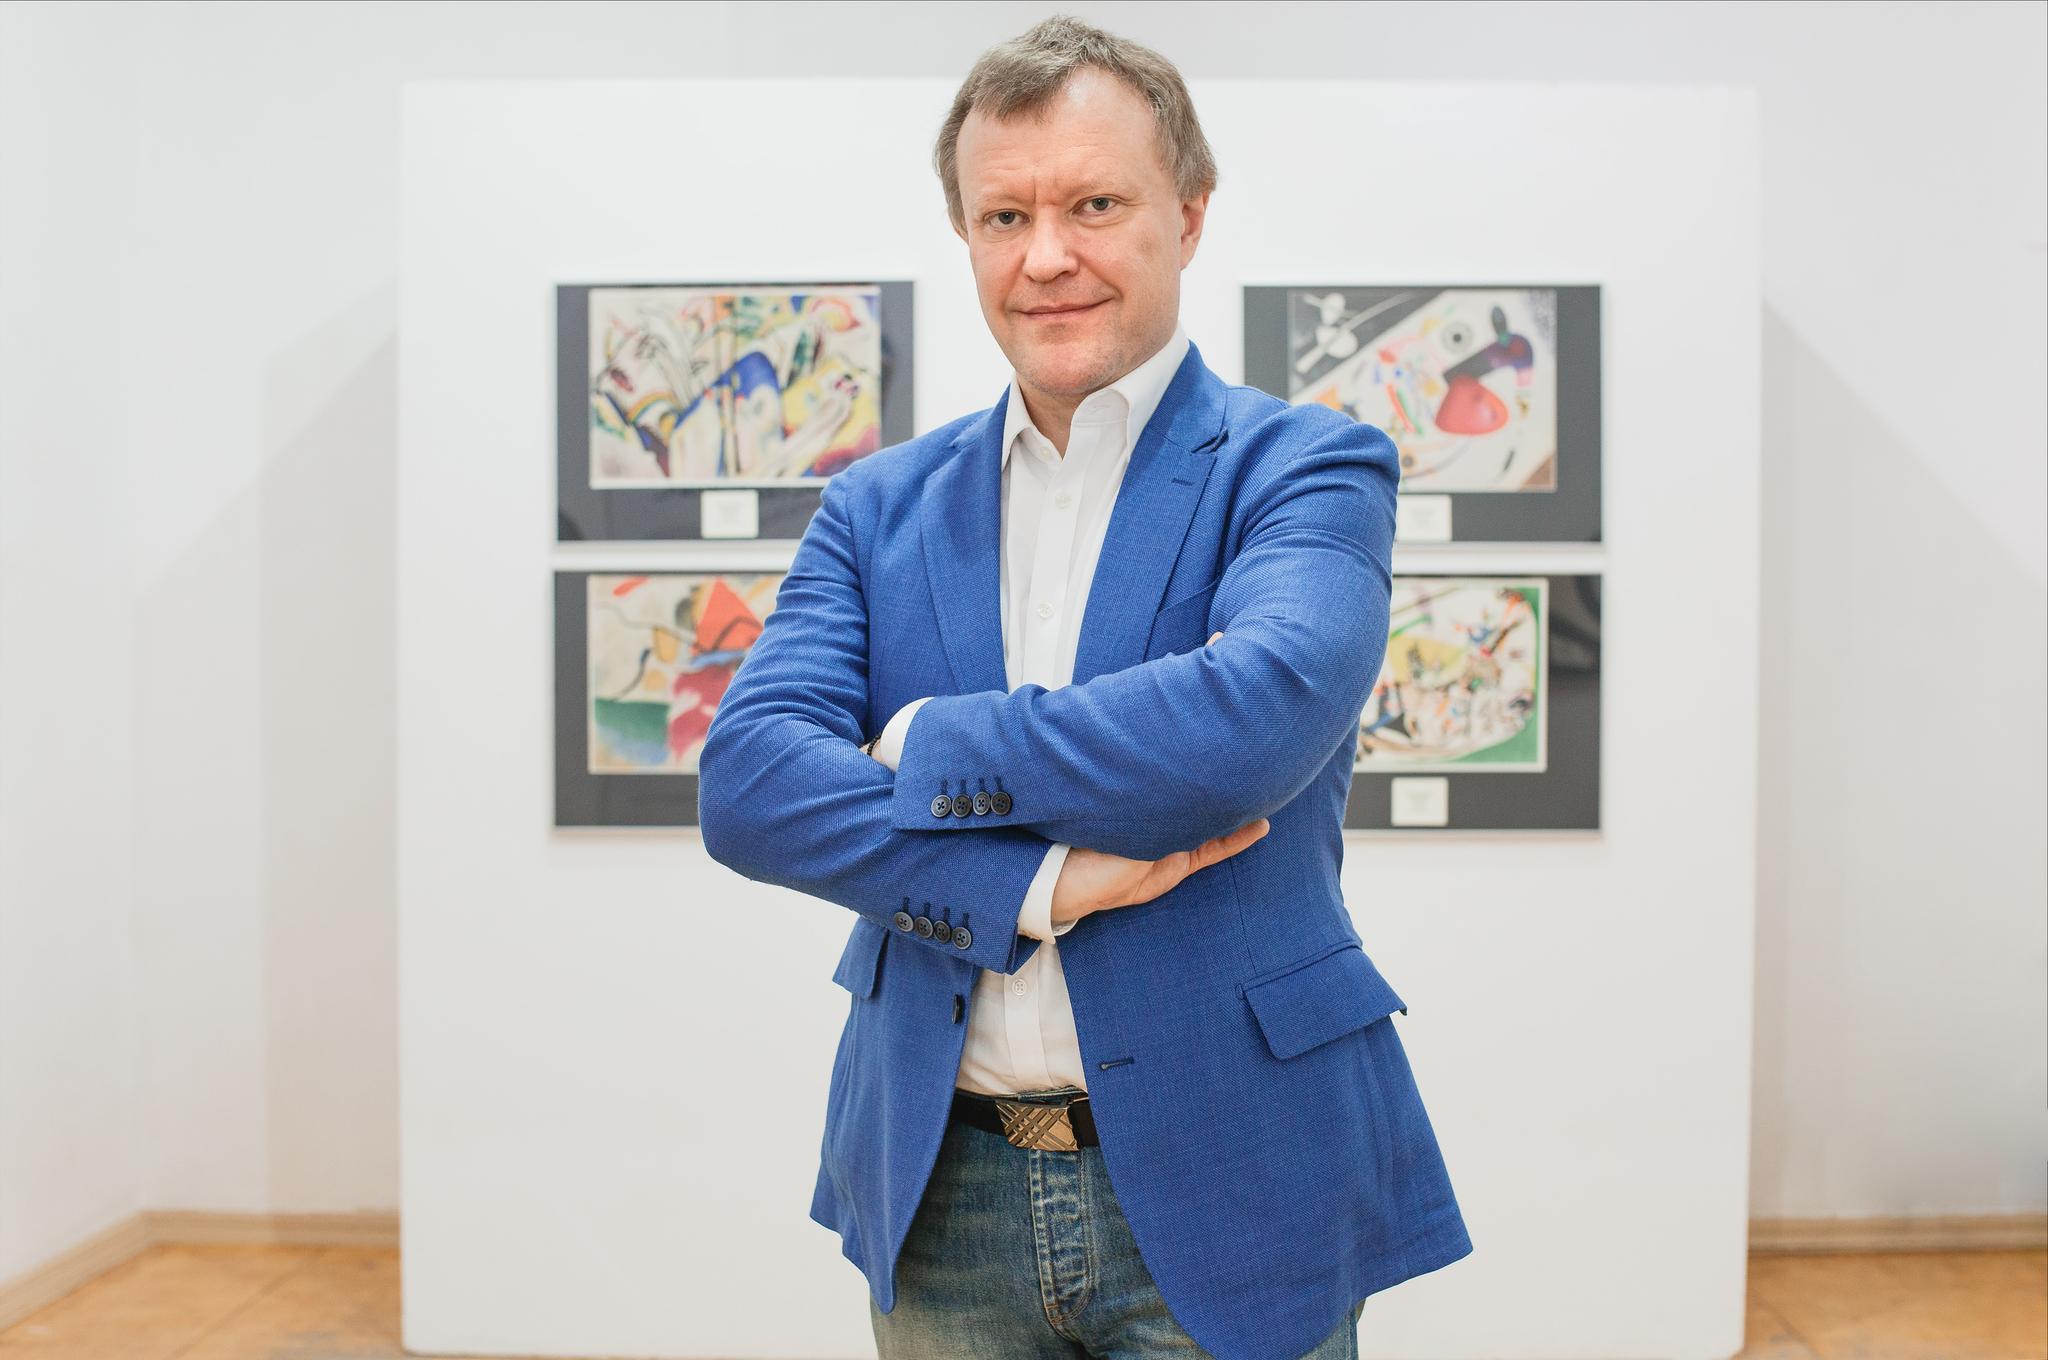 Выставка Кандинского. Как слышится музыка в картинах?